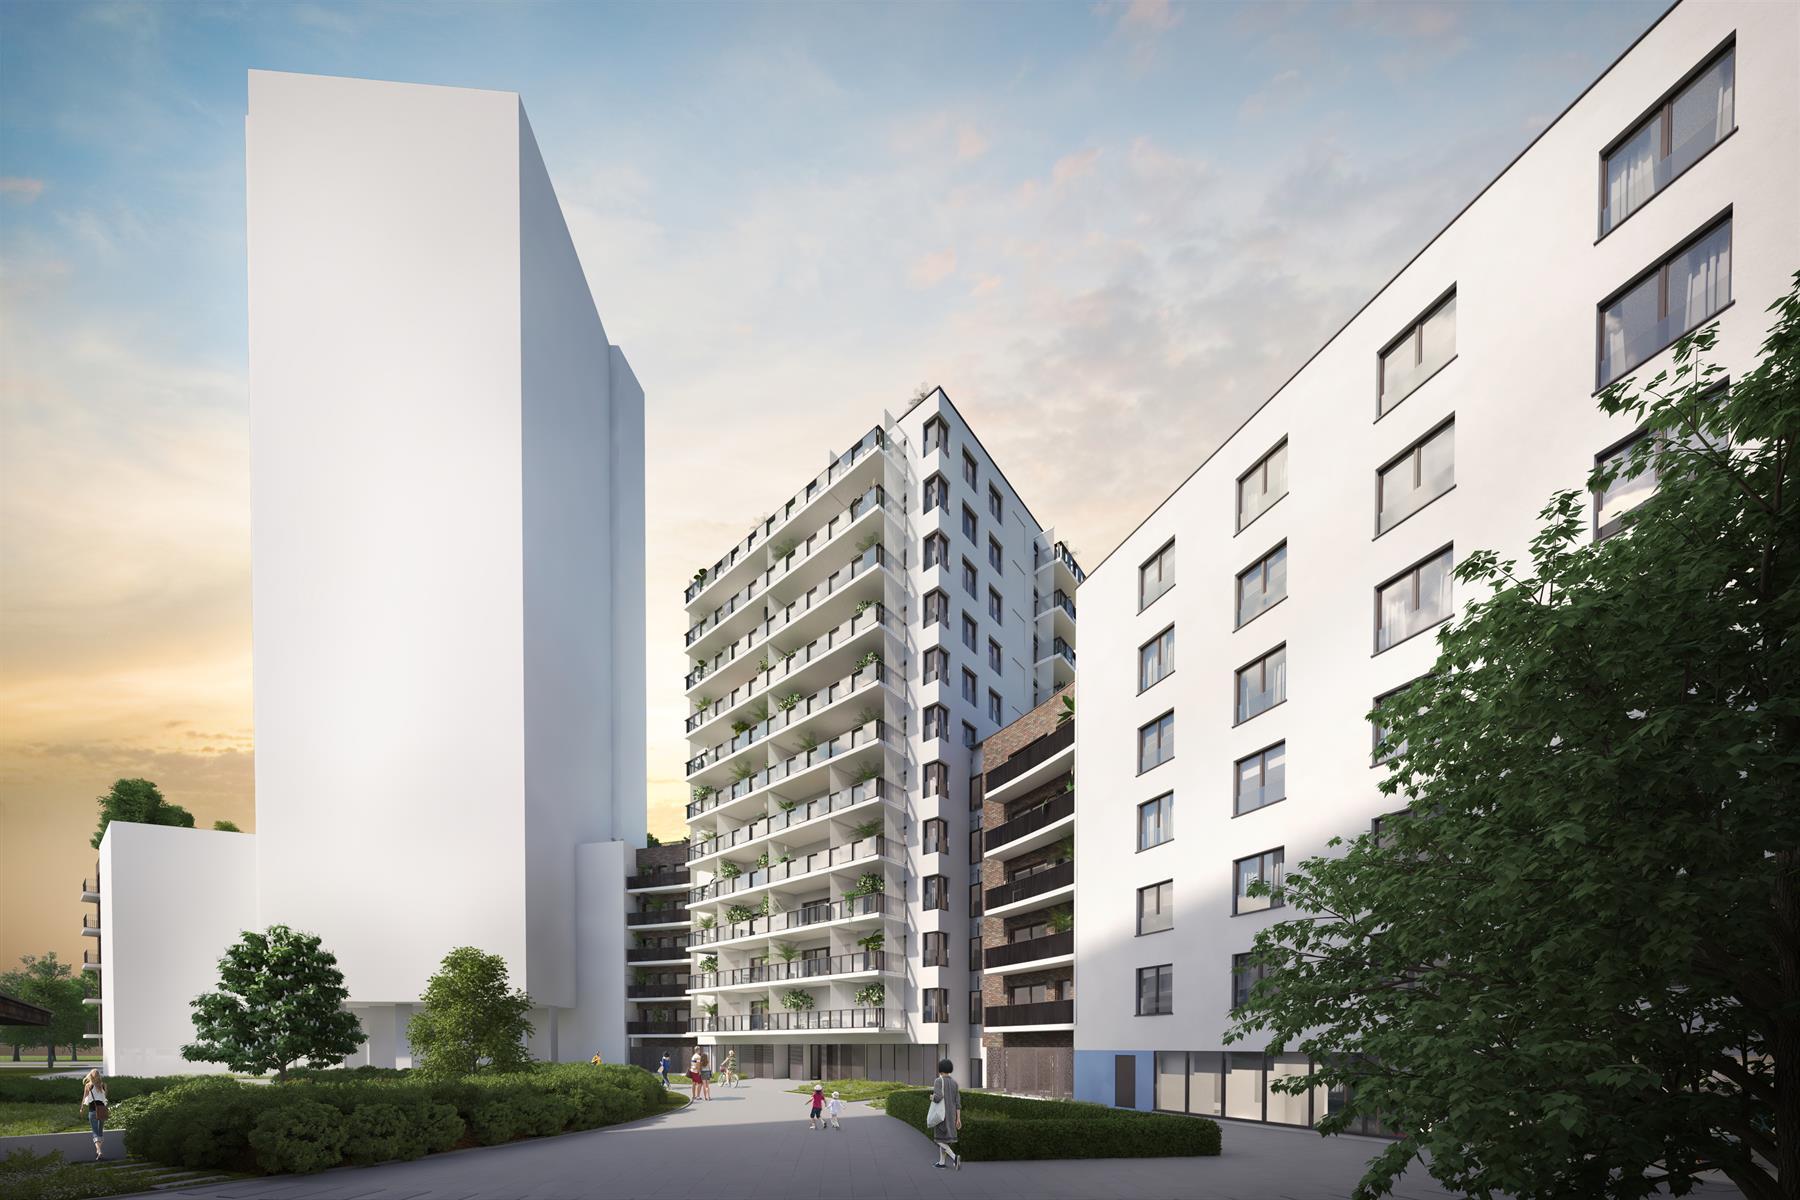 Flat - Ixelles - #4365567-10